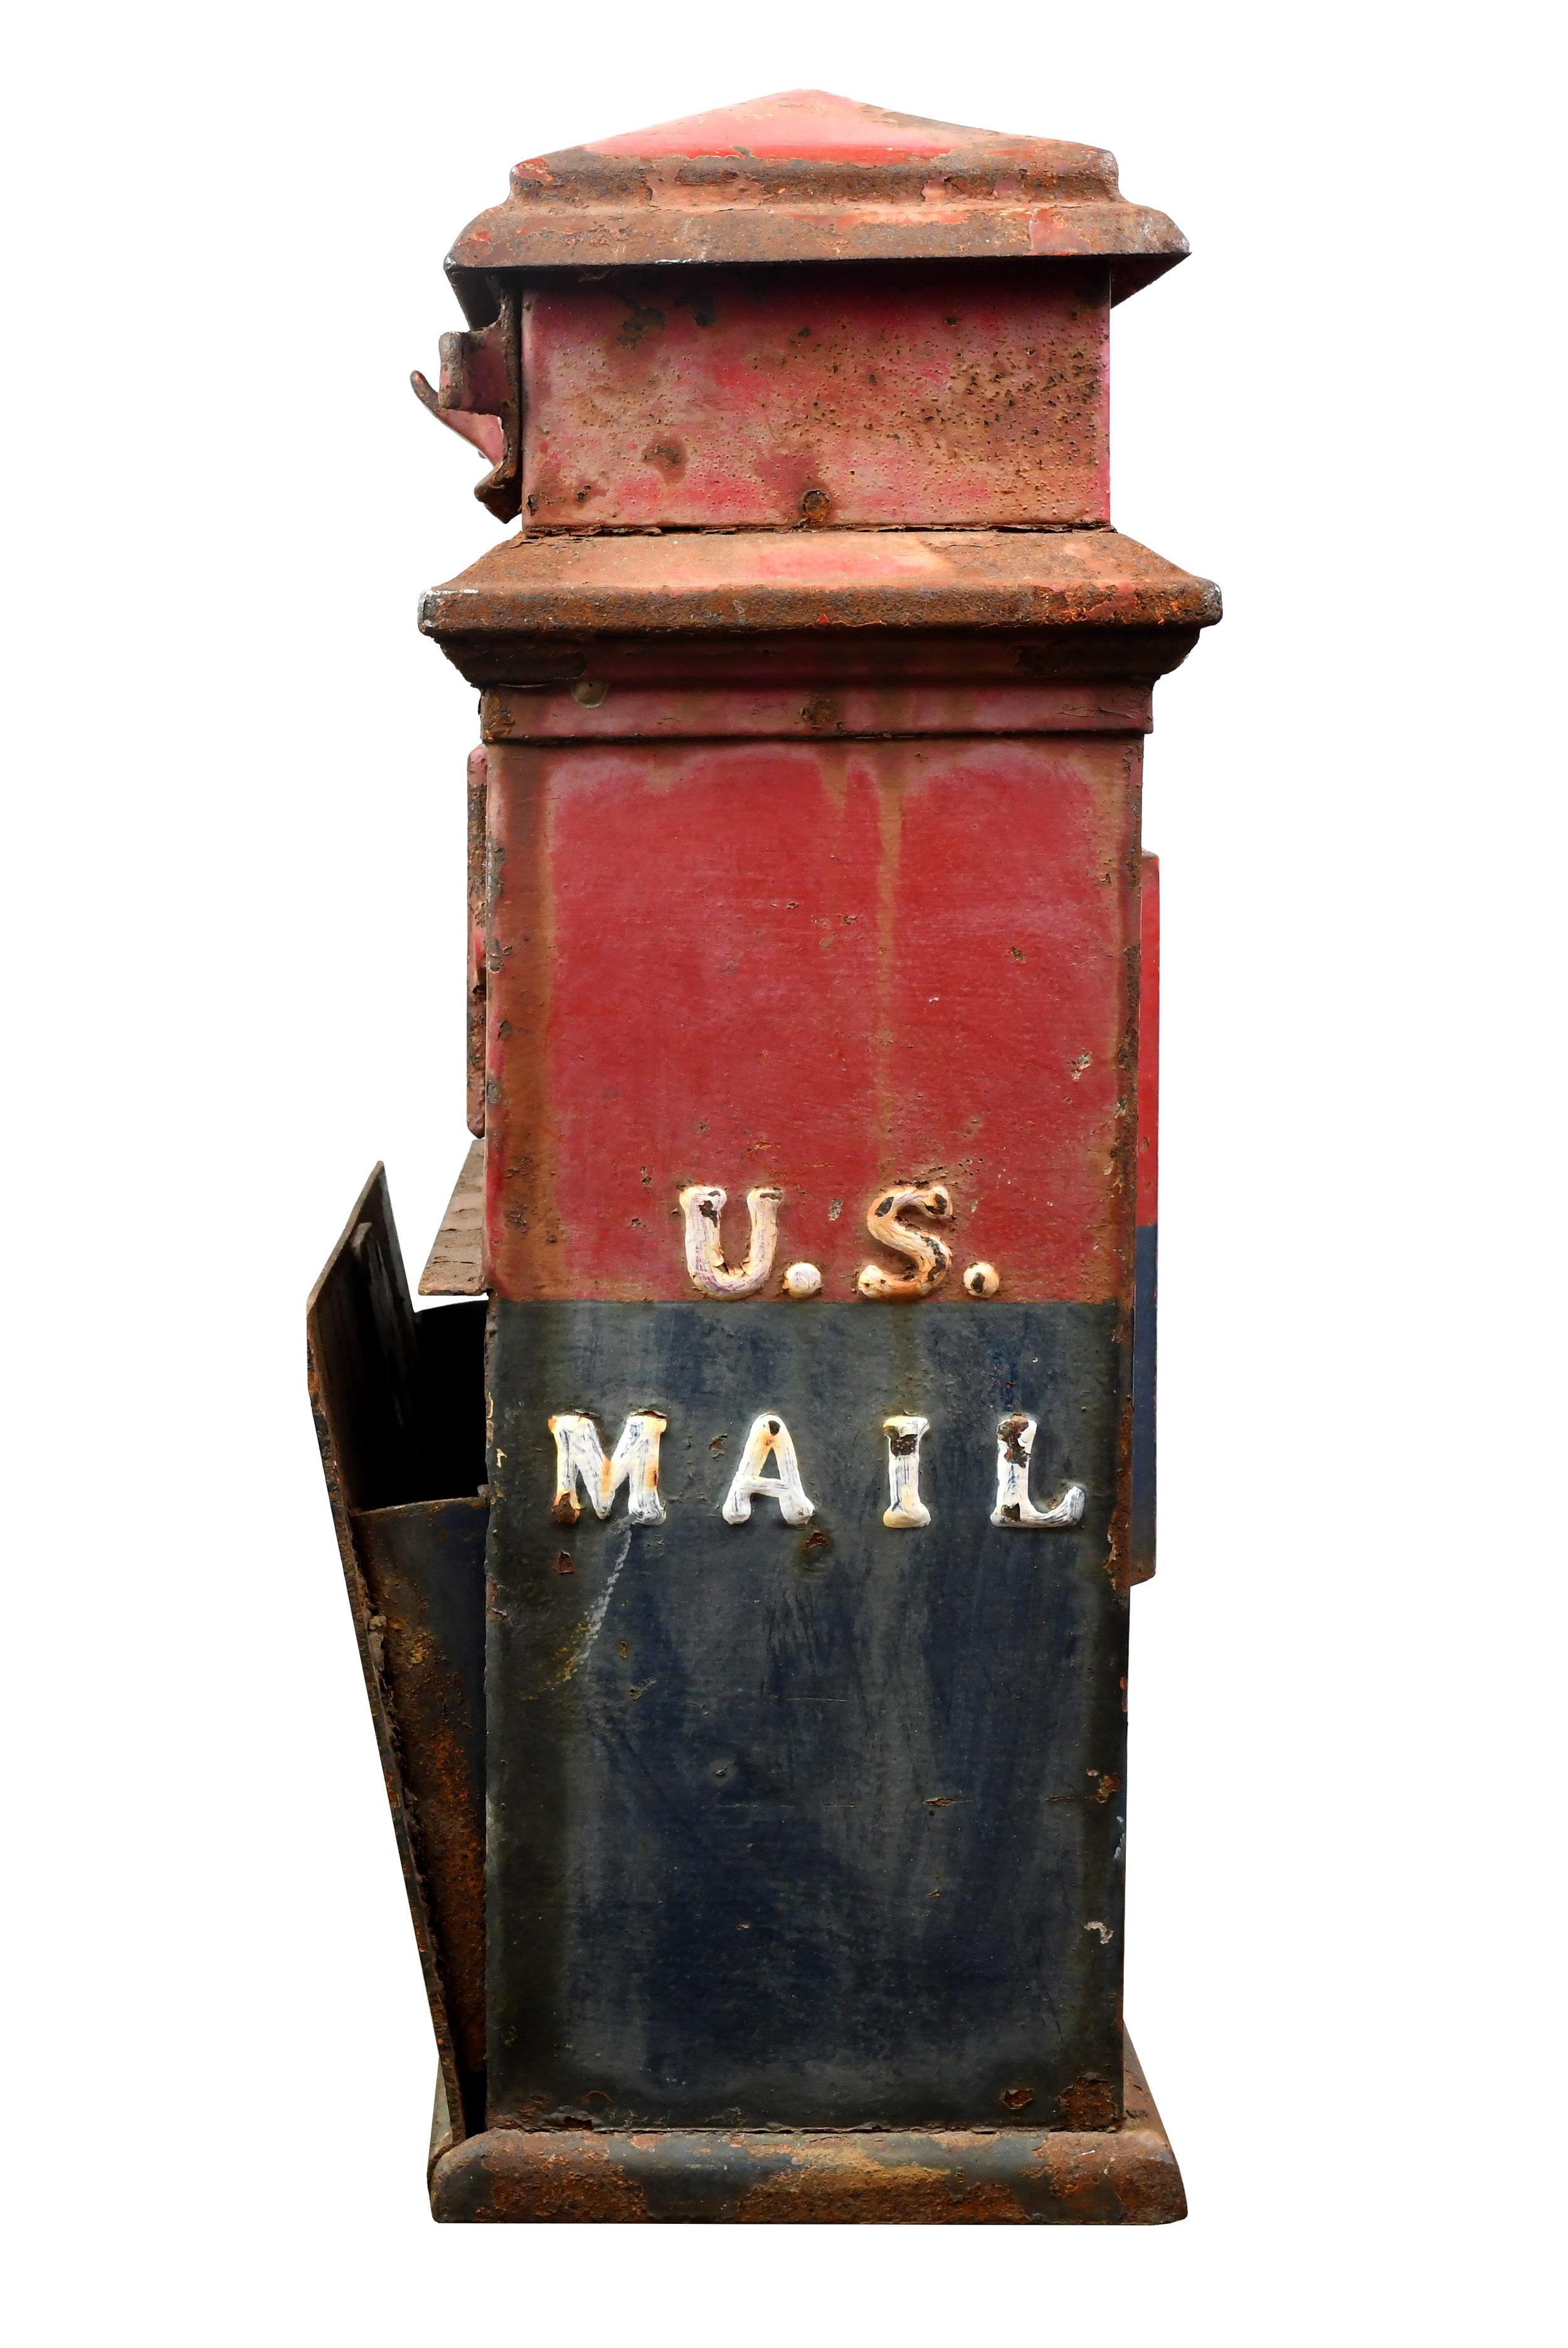 47478-iron-mailbox-side-full-view.jpg